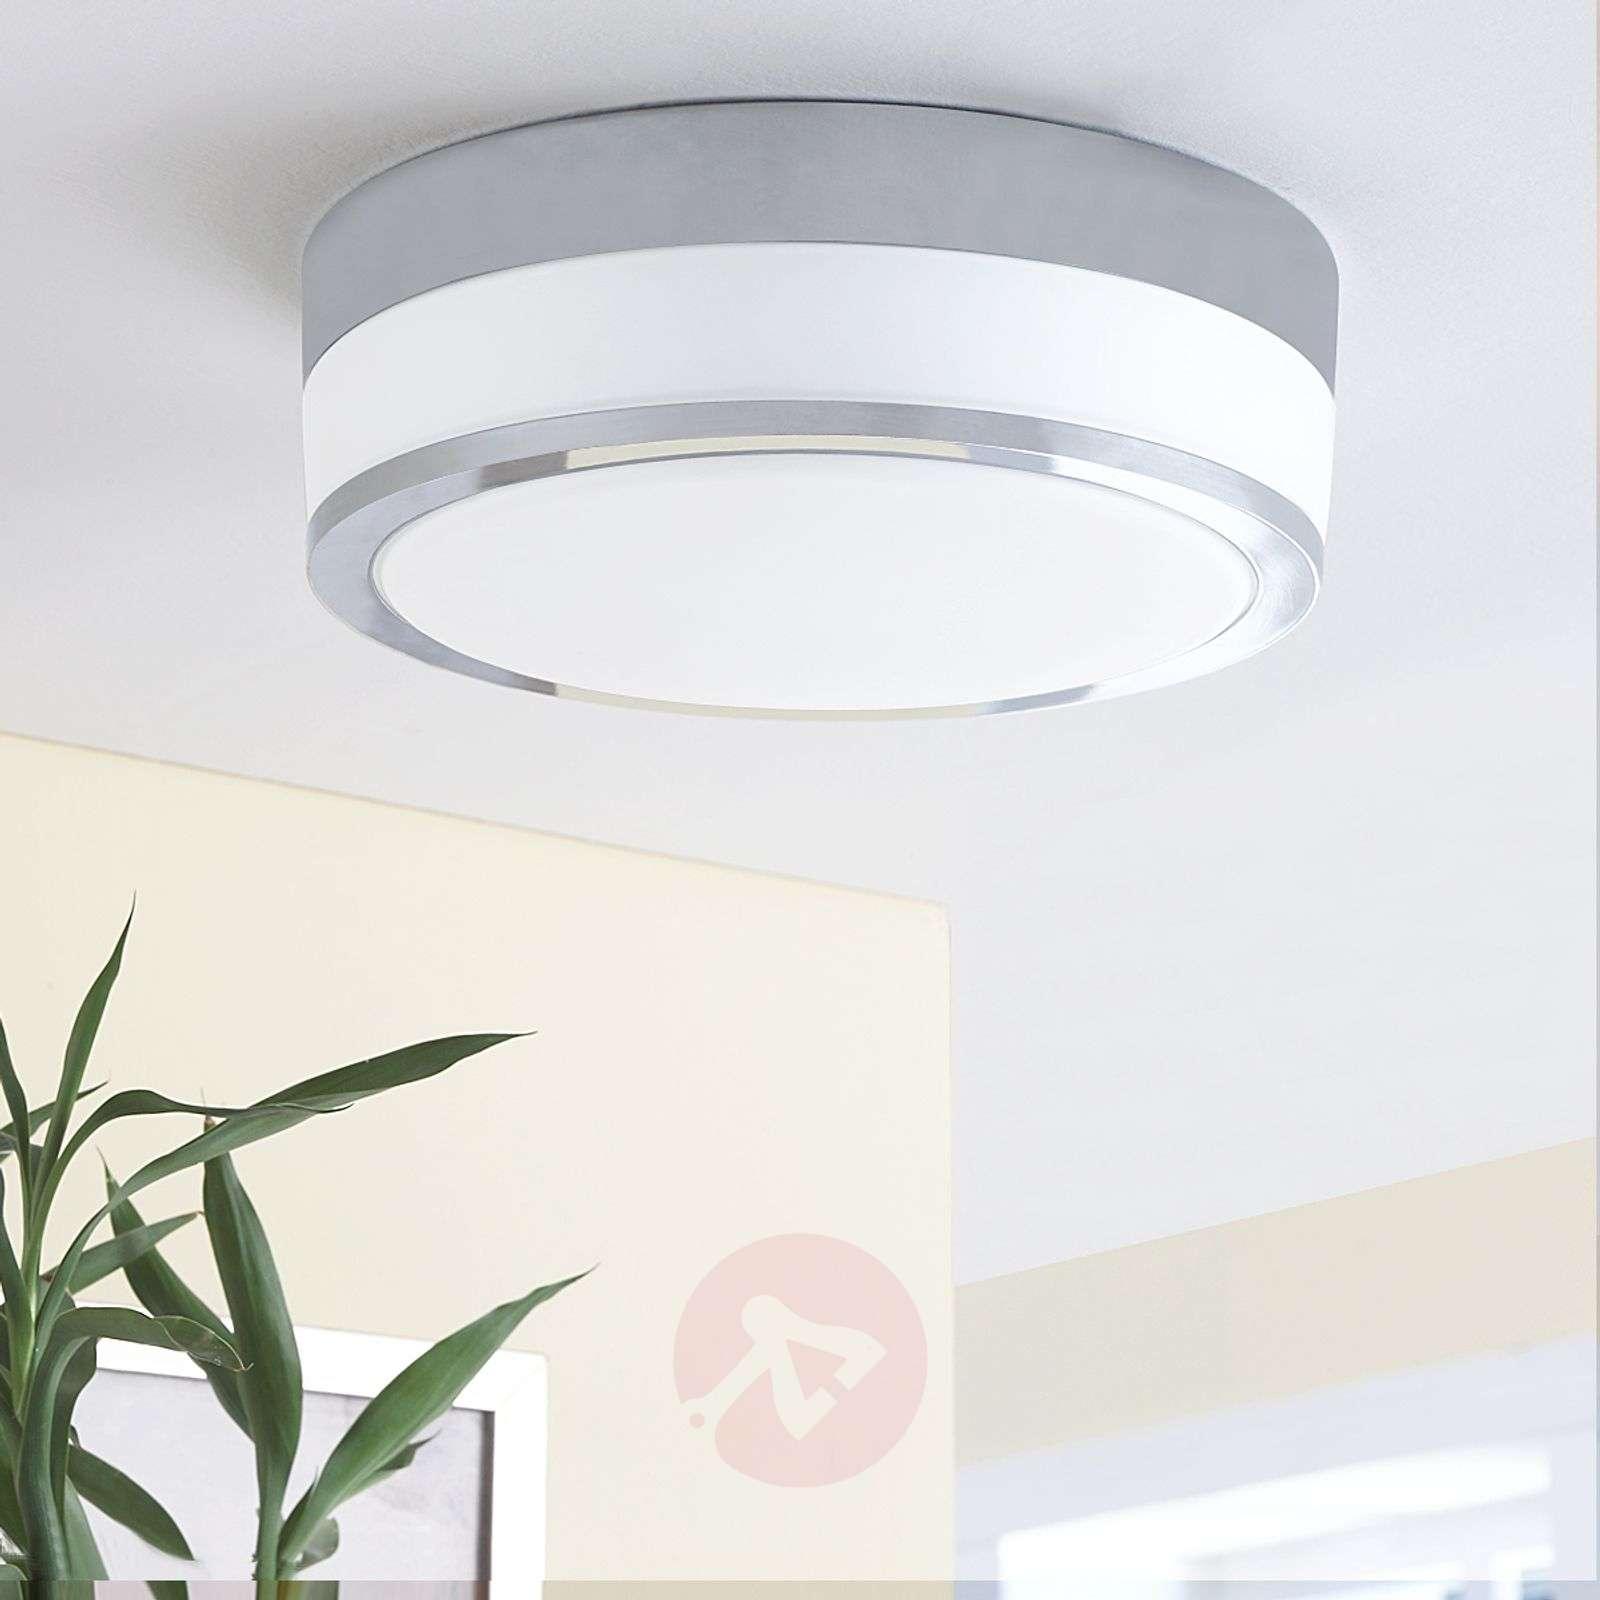 Kylpyhuoneen kattovalaisin Flavi, E27 LED, kromi-9620635-03